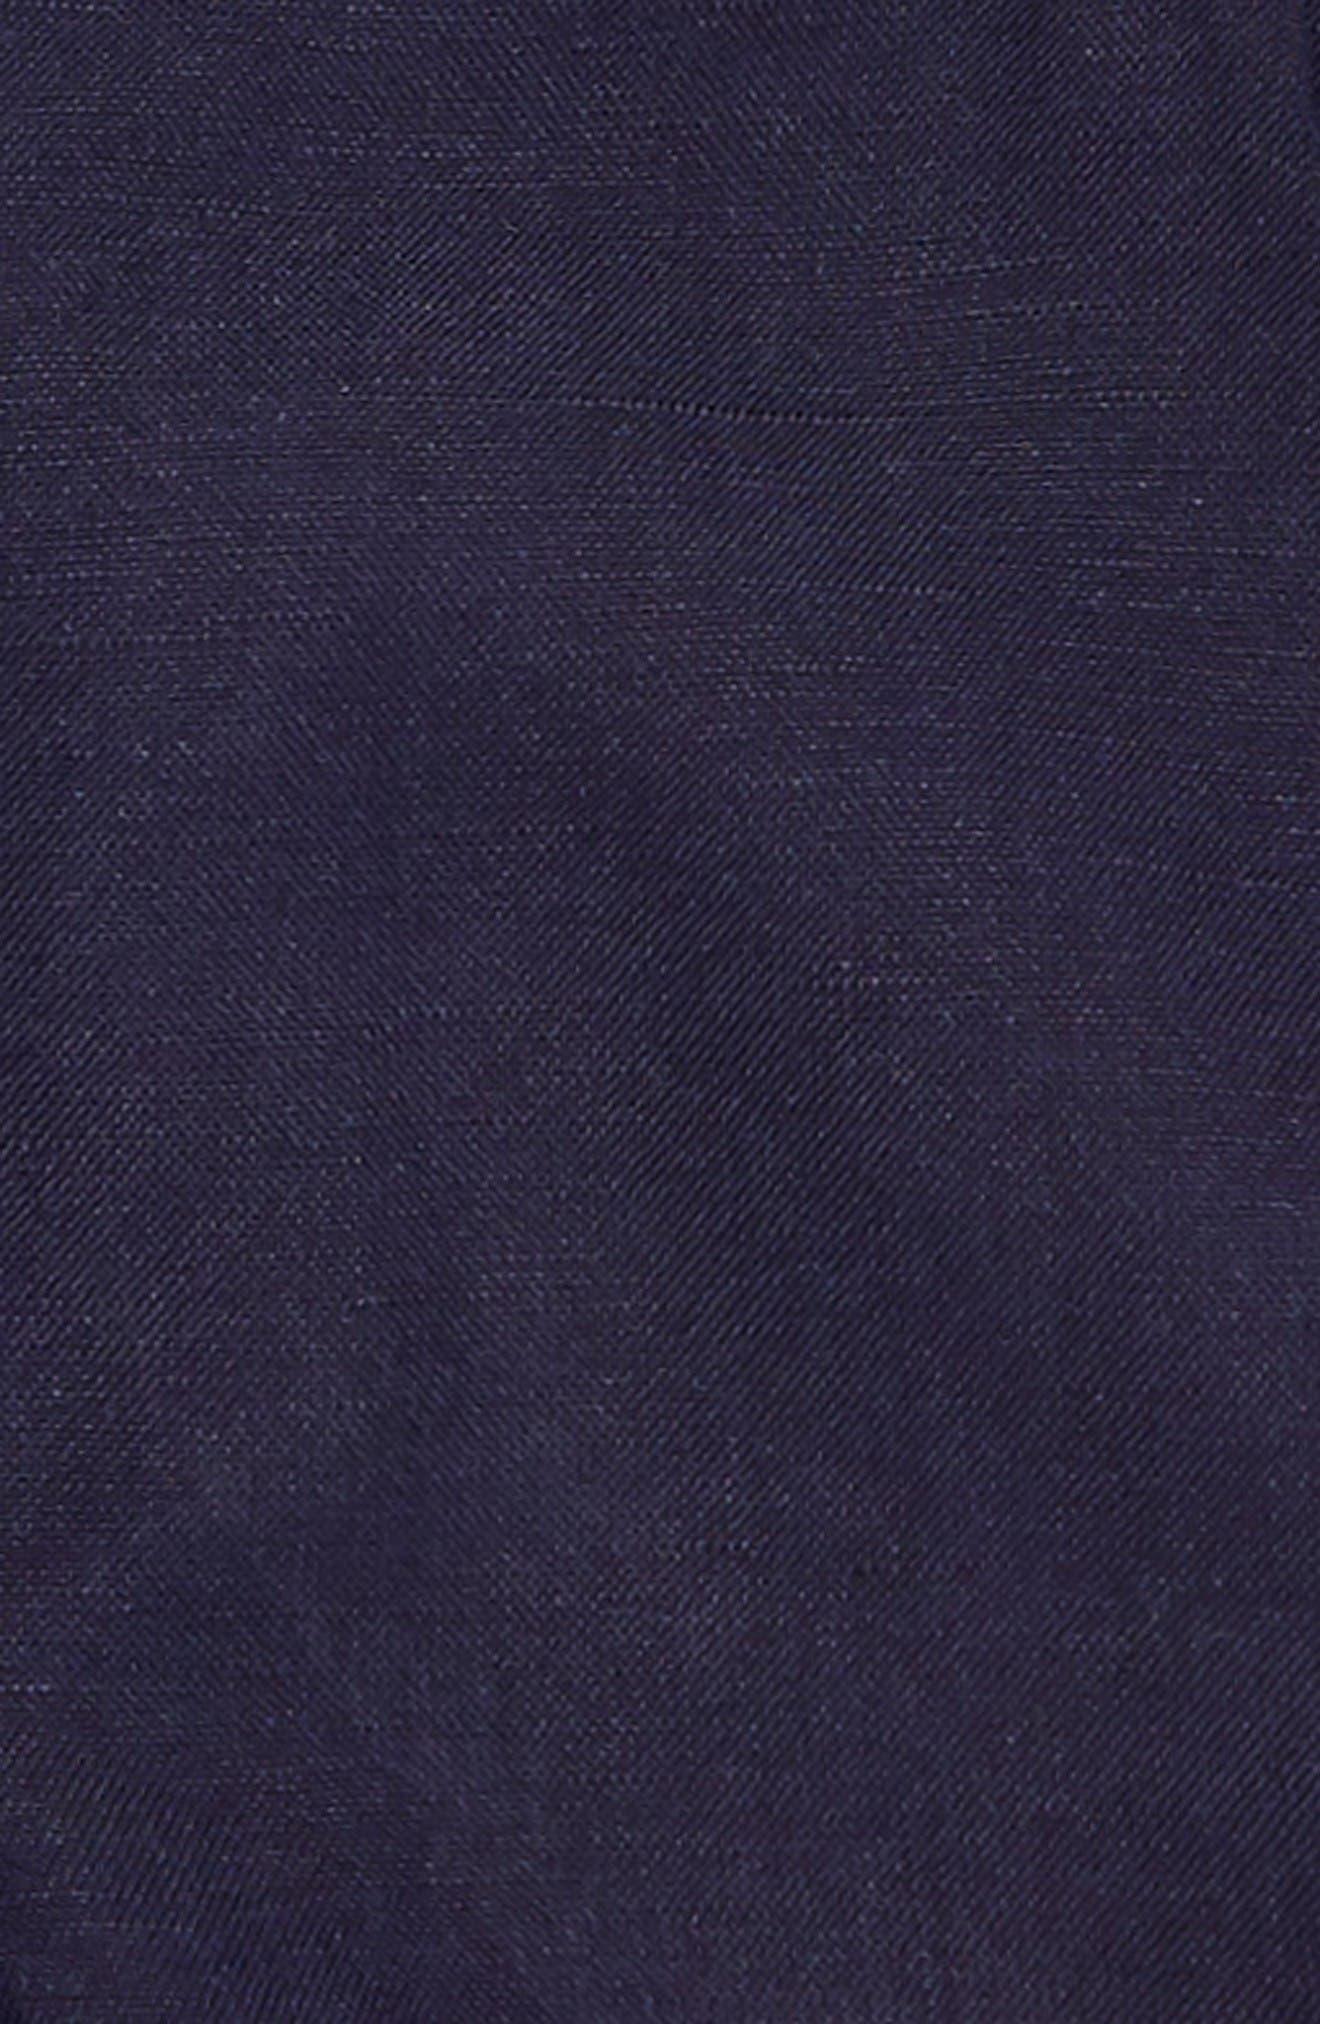 Alternate Image 2  - Bardot Junior Linen Blend Short Overalls (Baby Boys & Toddler Boys)